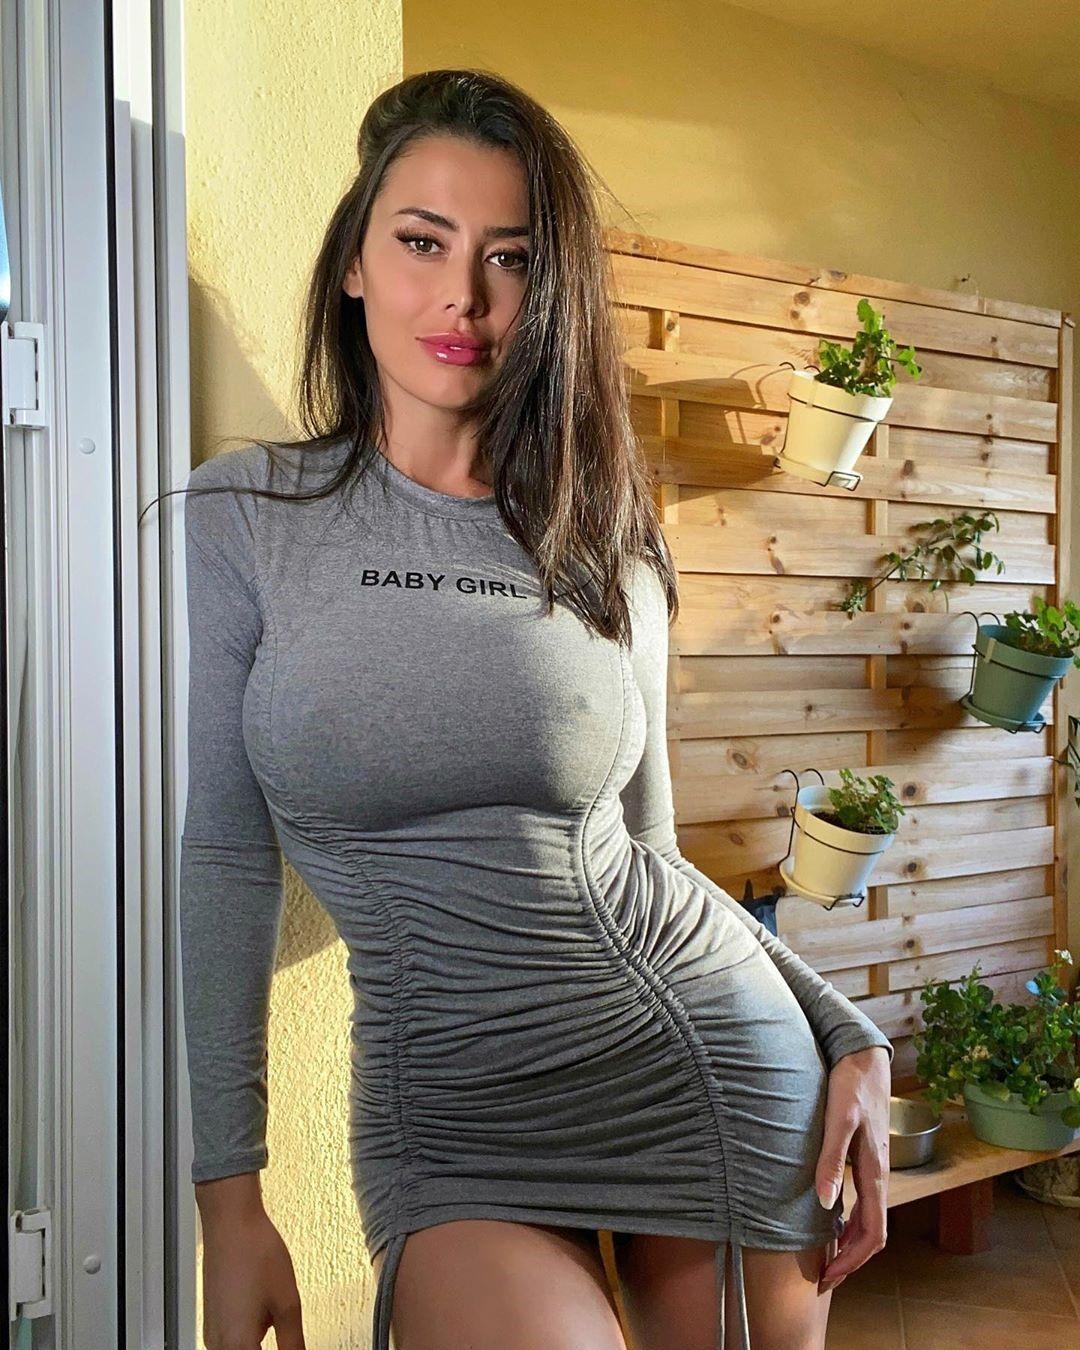 Eva Padlock 31